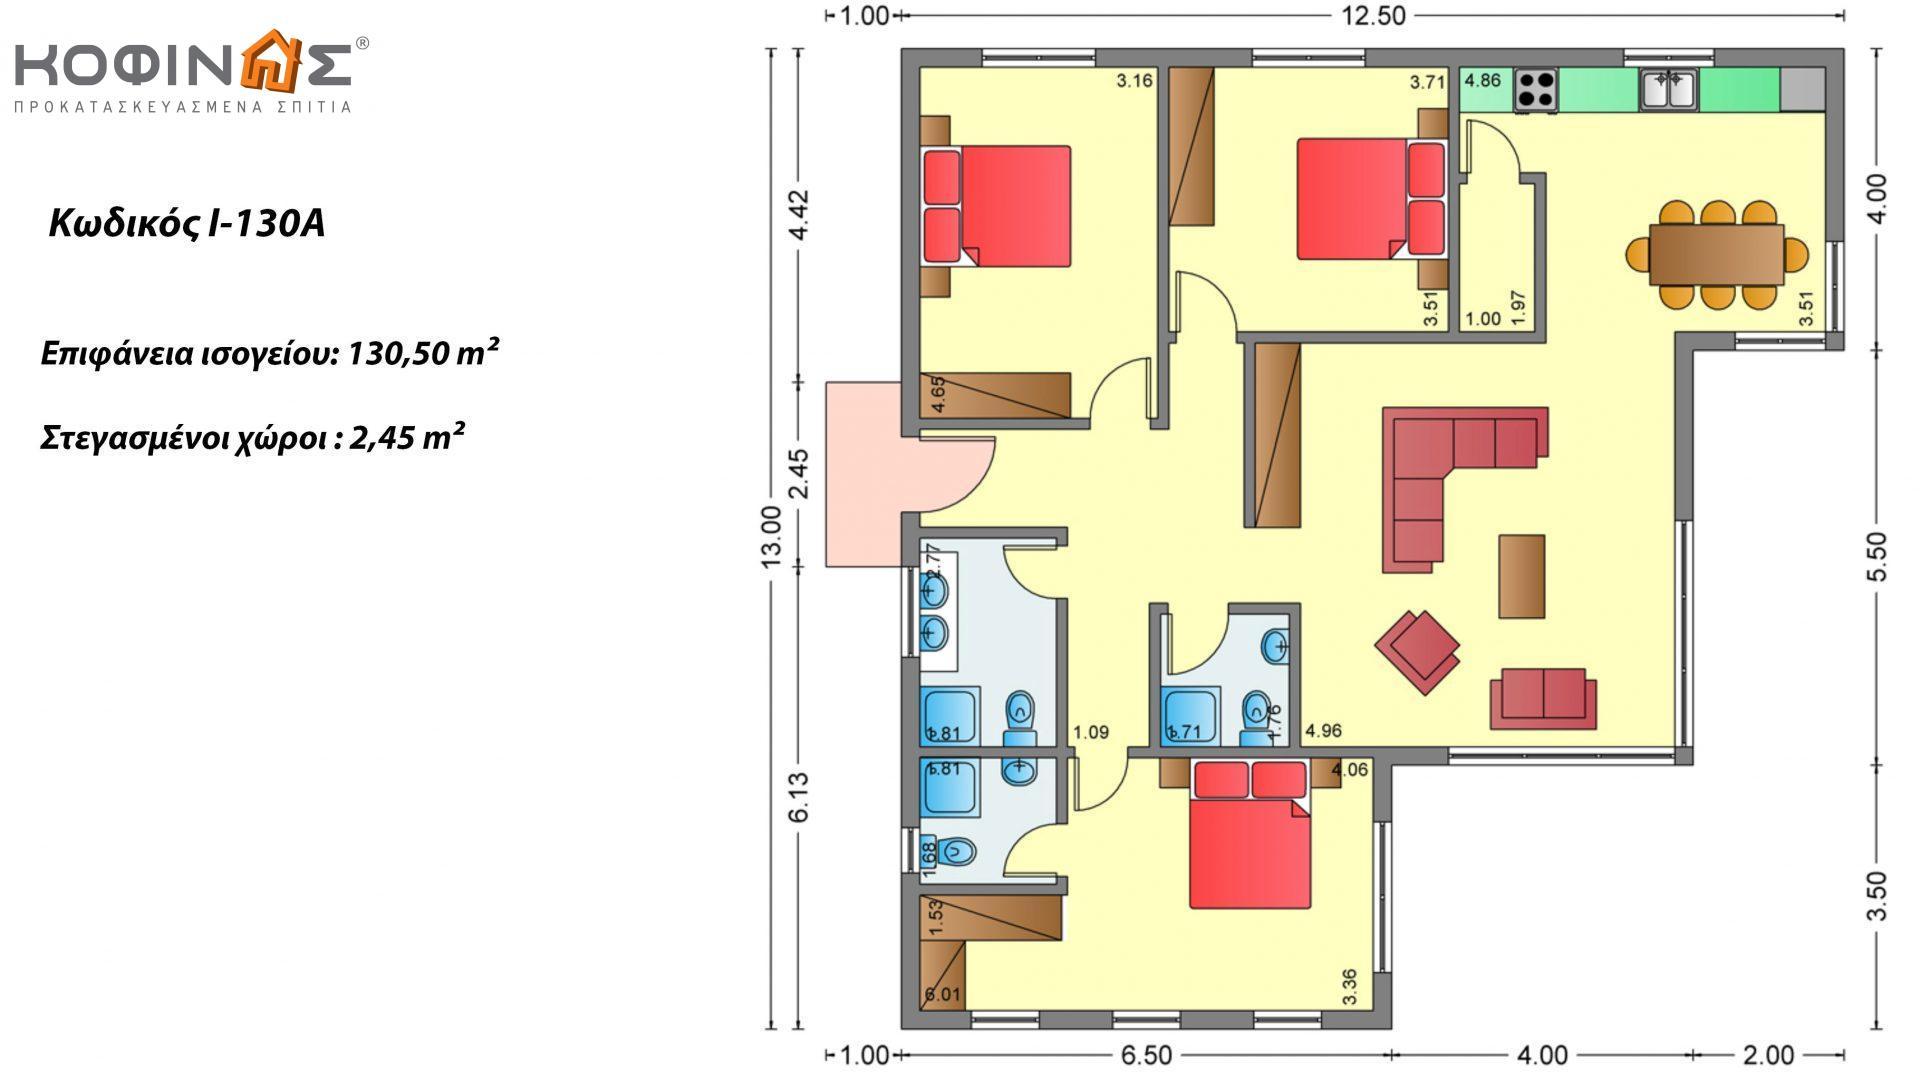 Ισόγεια Κατοικία I-130a, συνολικής επιφάνειας 130,50 τ.μ., στεγασμένοι χώροι 2,45 τ.μ.